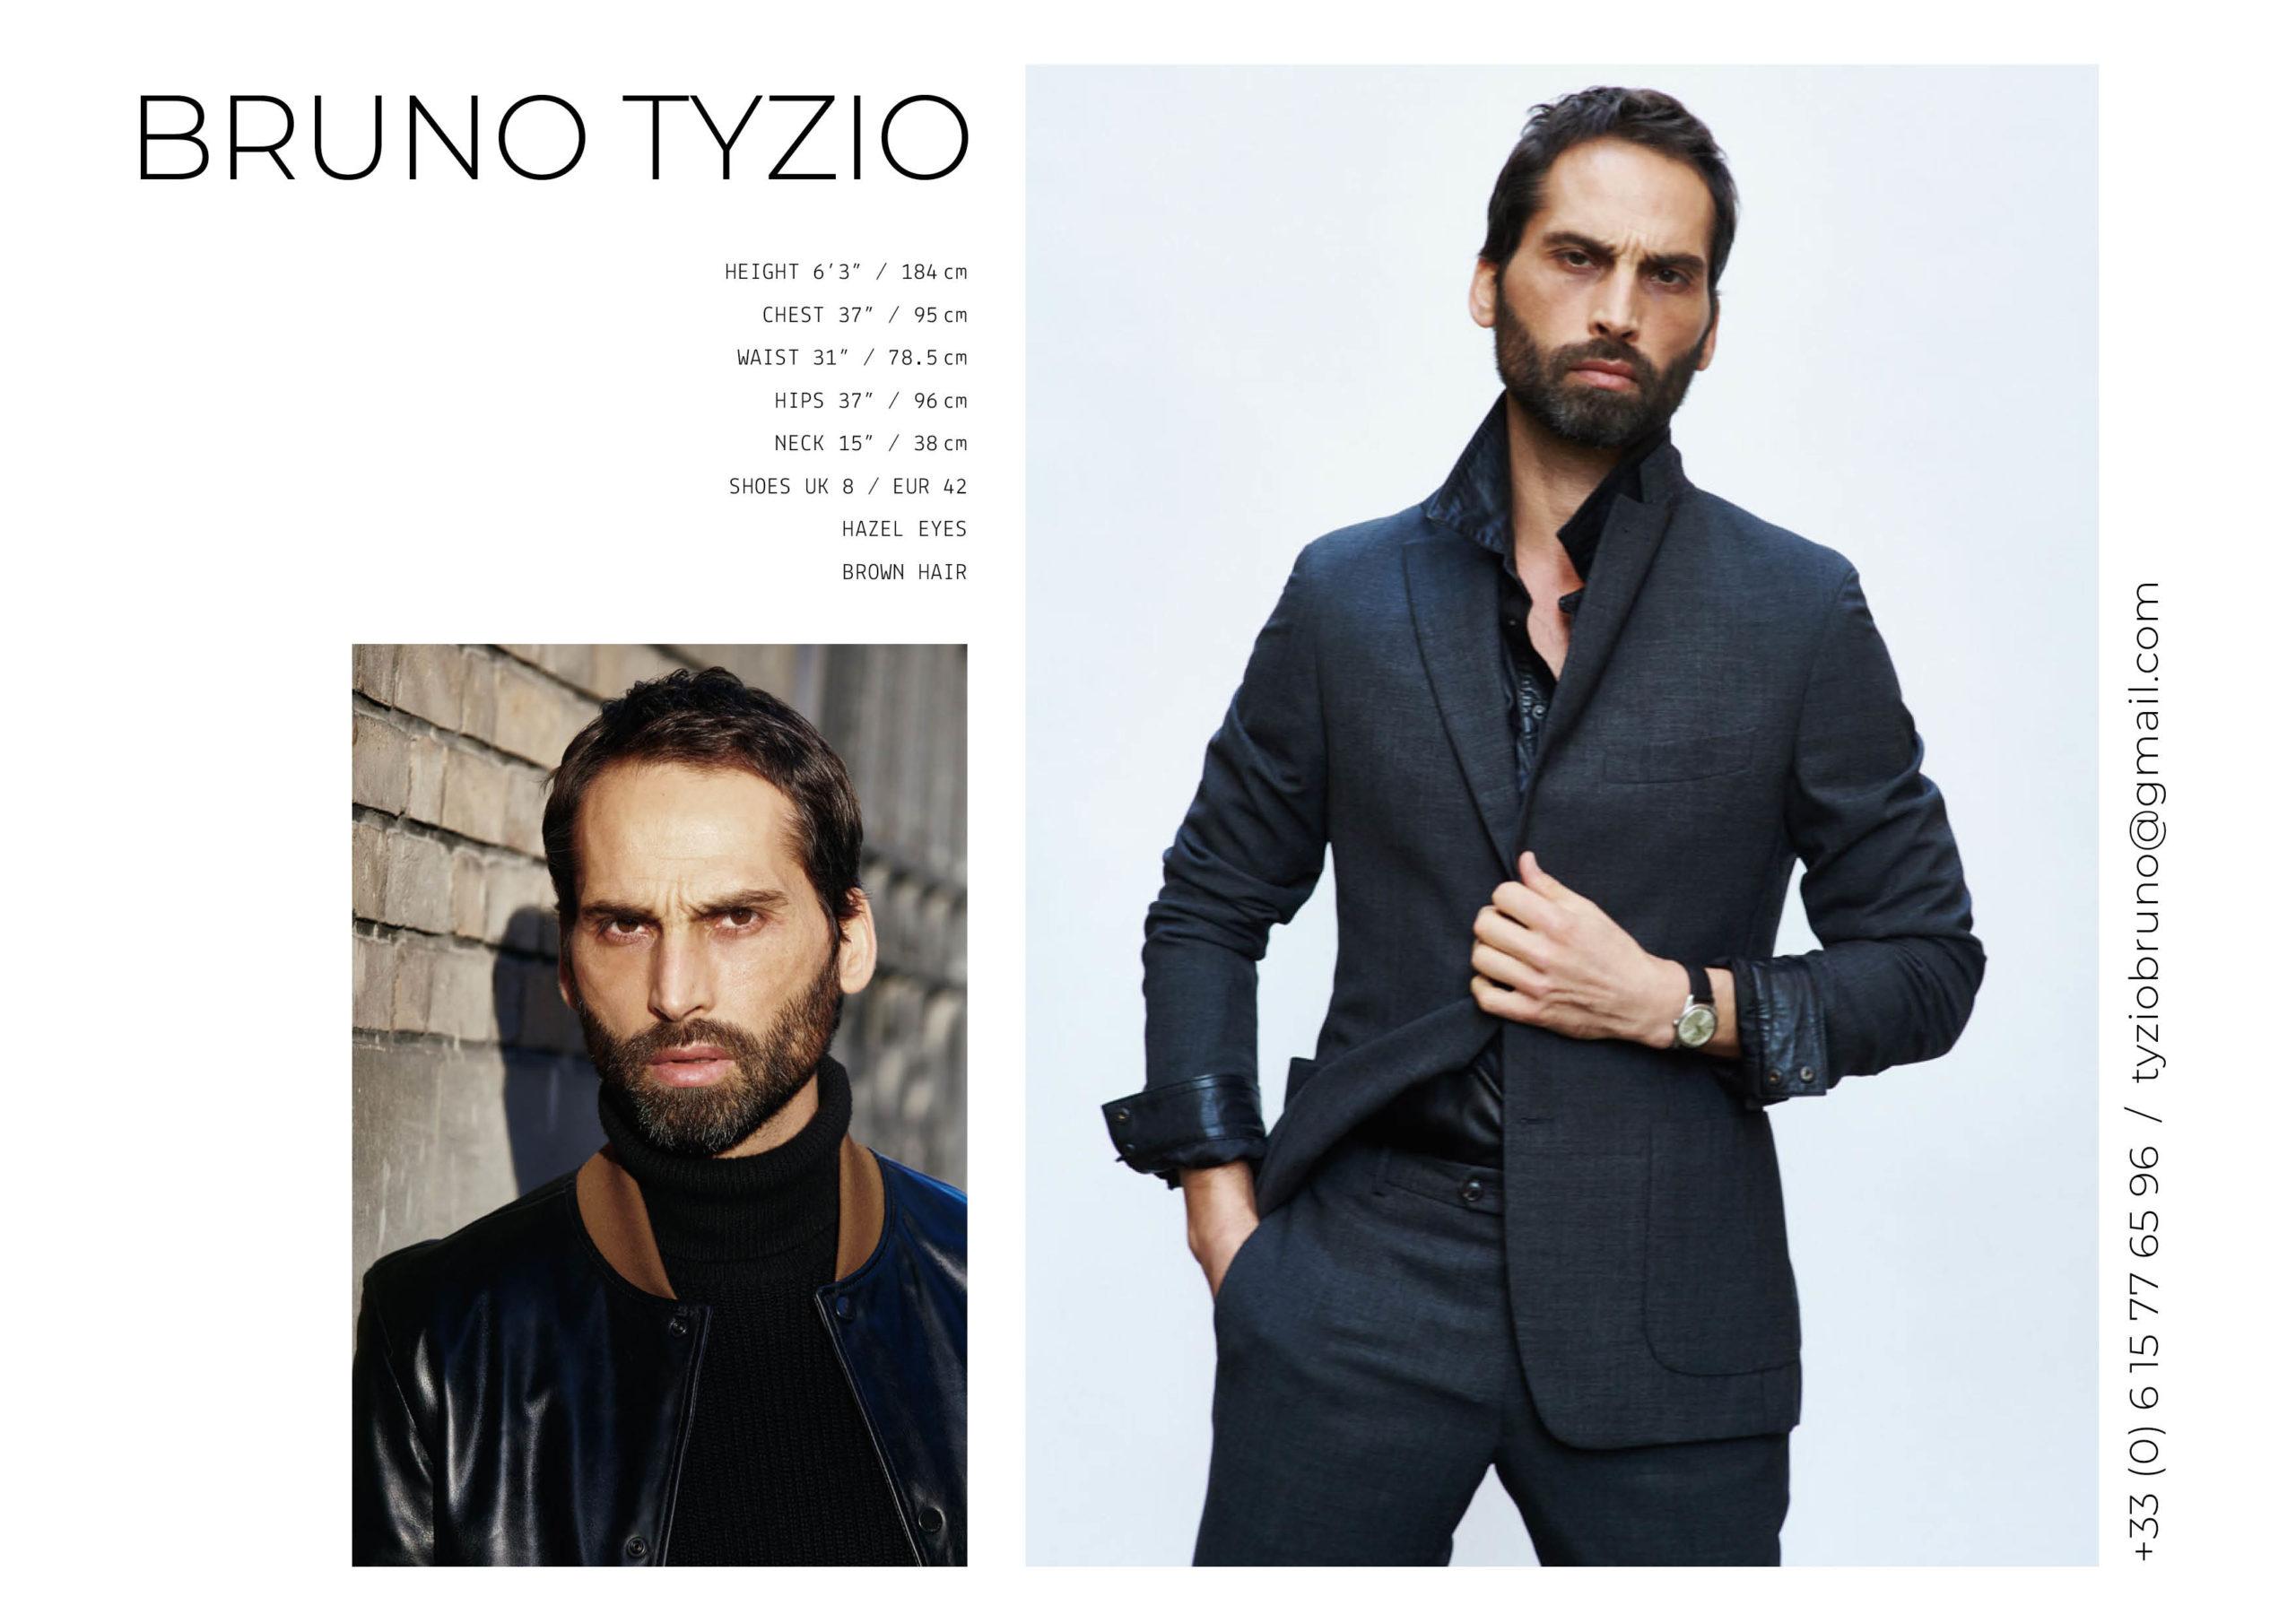 BRUNO-TYZIO-MODEL-COMPCARDS-FASHION